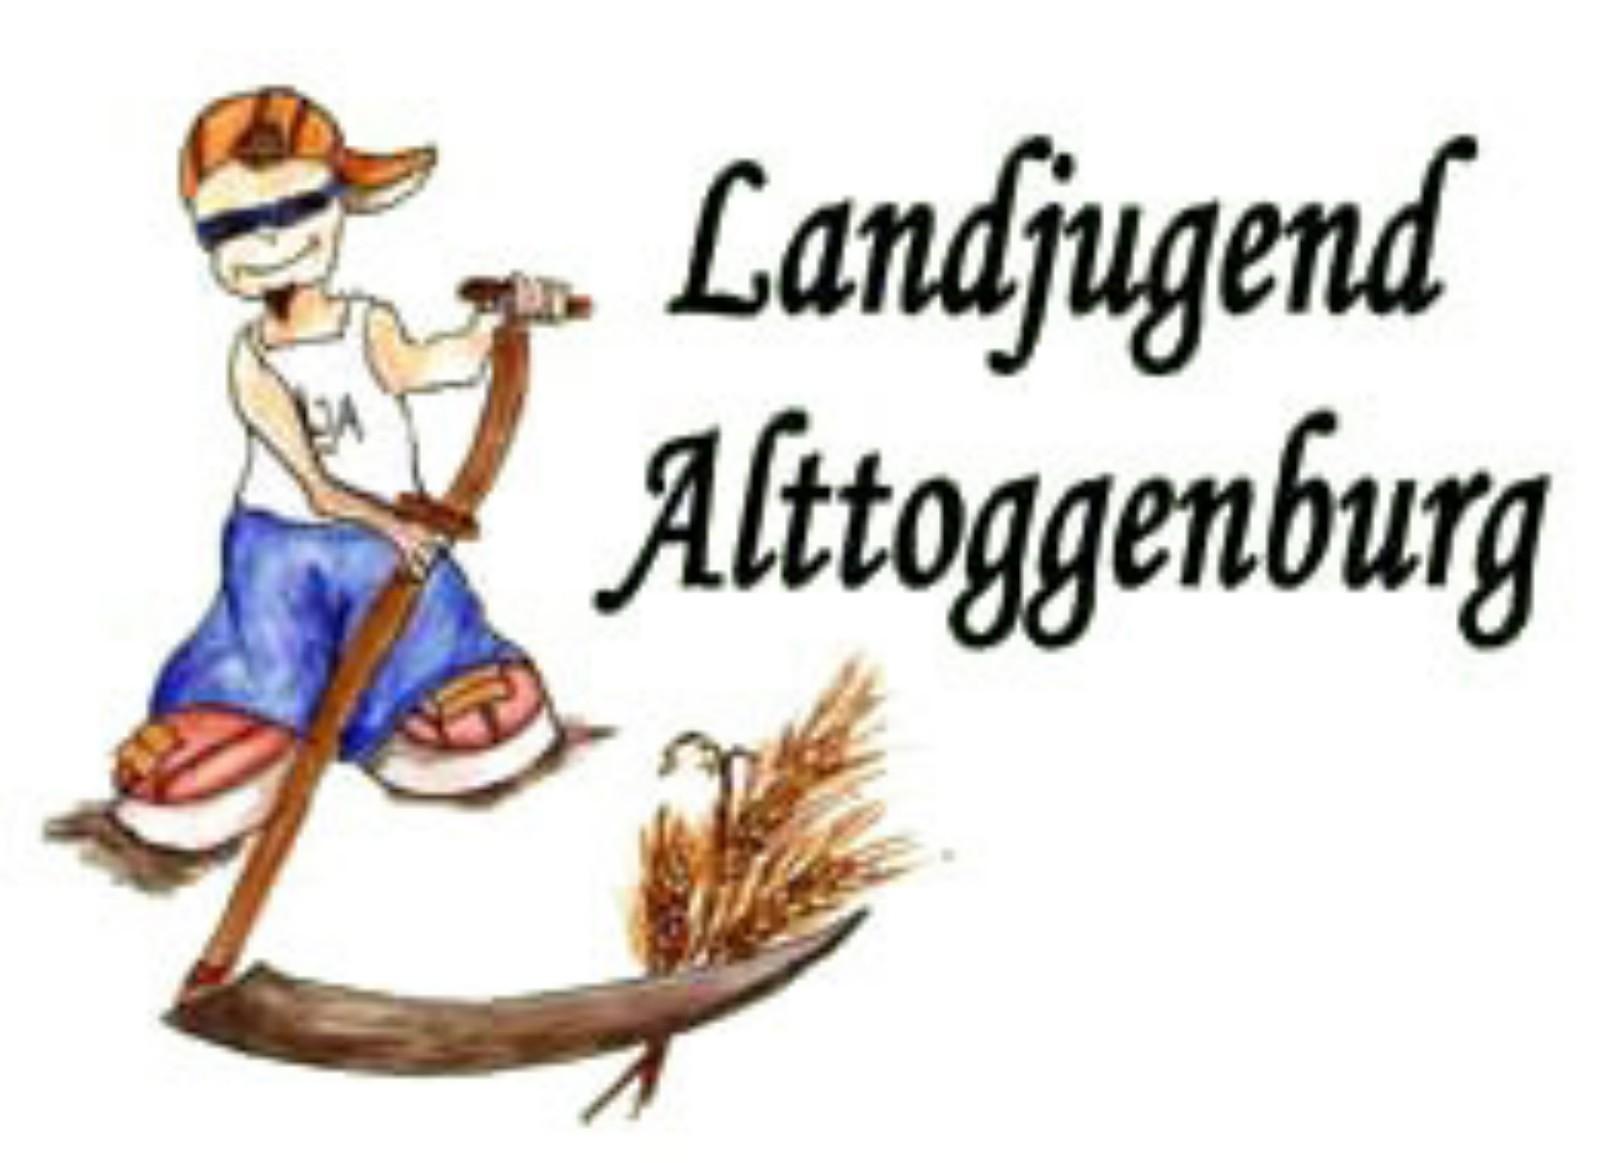 Landjugend Alttoggenburg